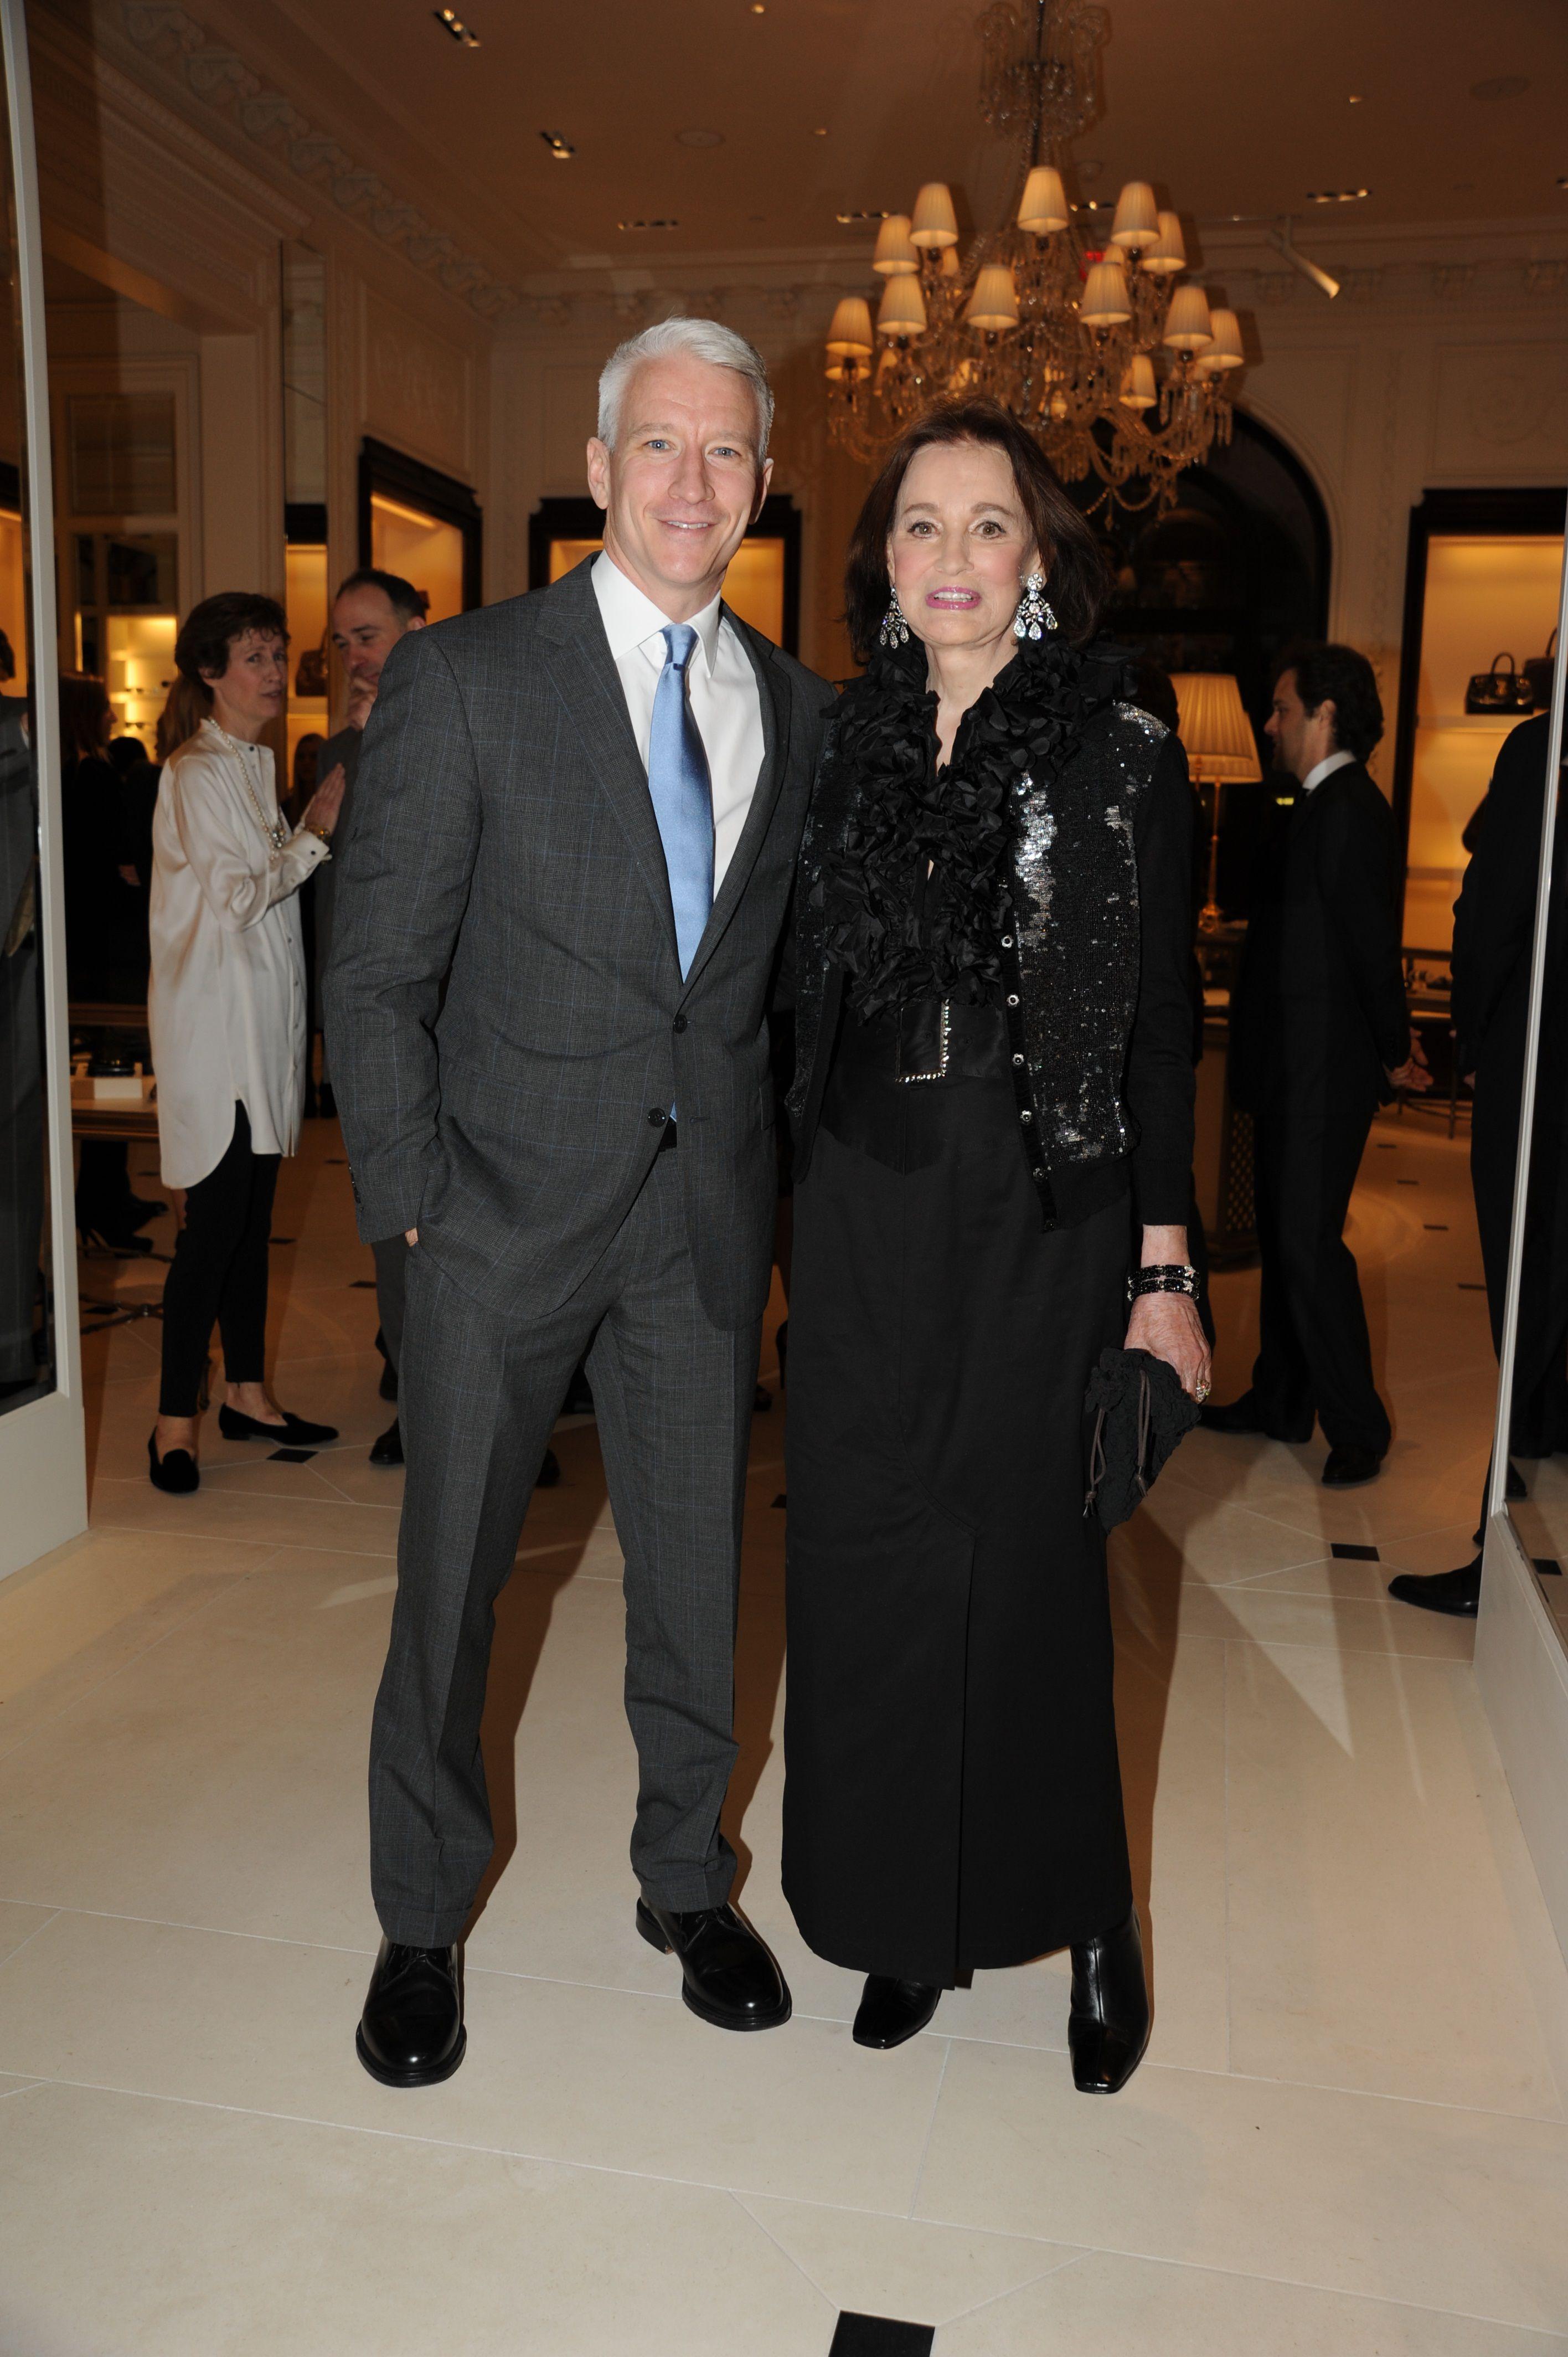 Anderson Cooper and his mother, Gloria Vanderbilt